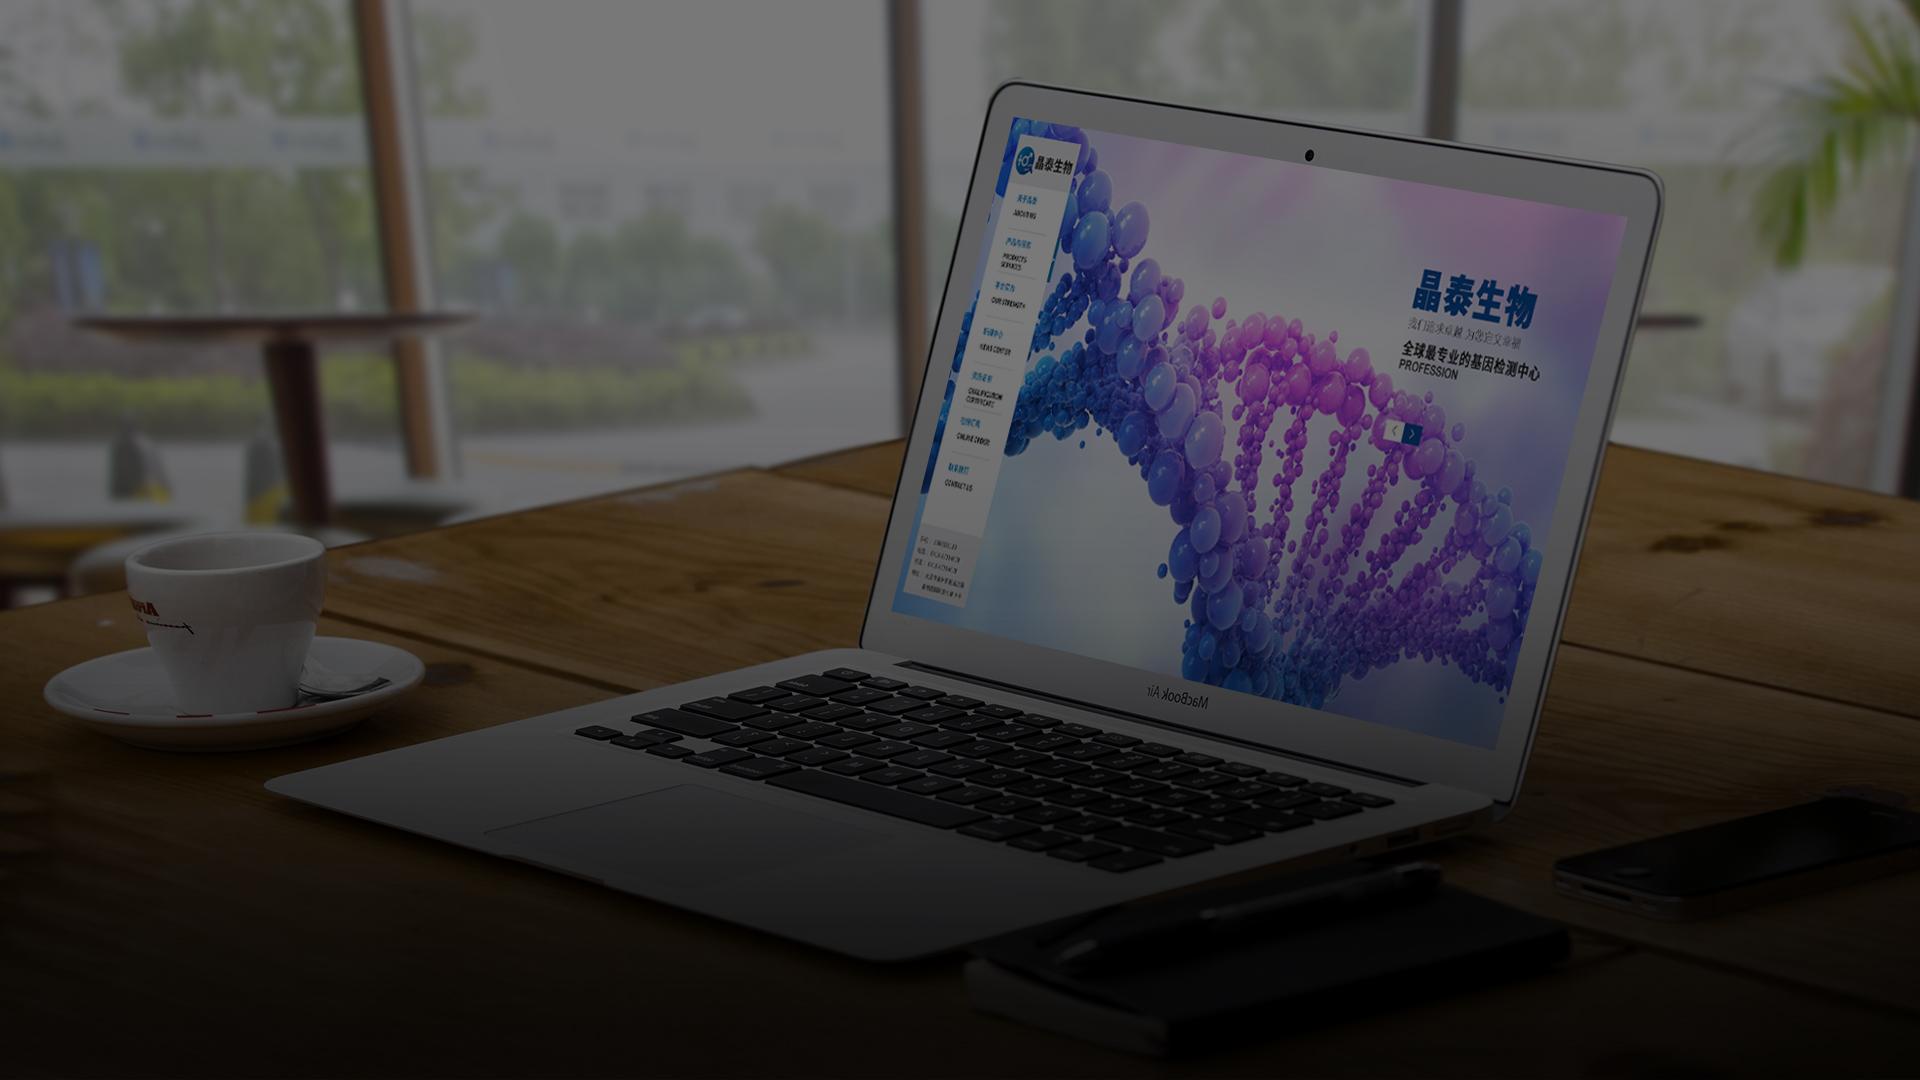 大连晶泰生物科技有限公司